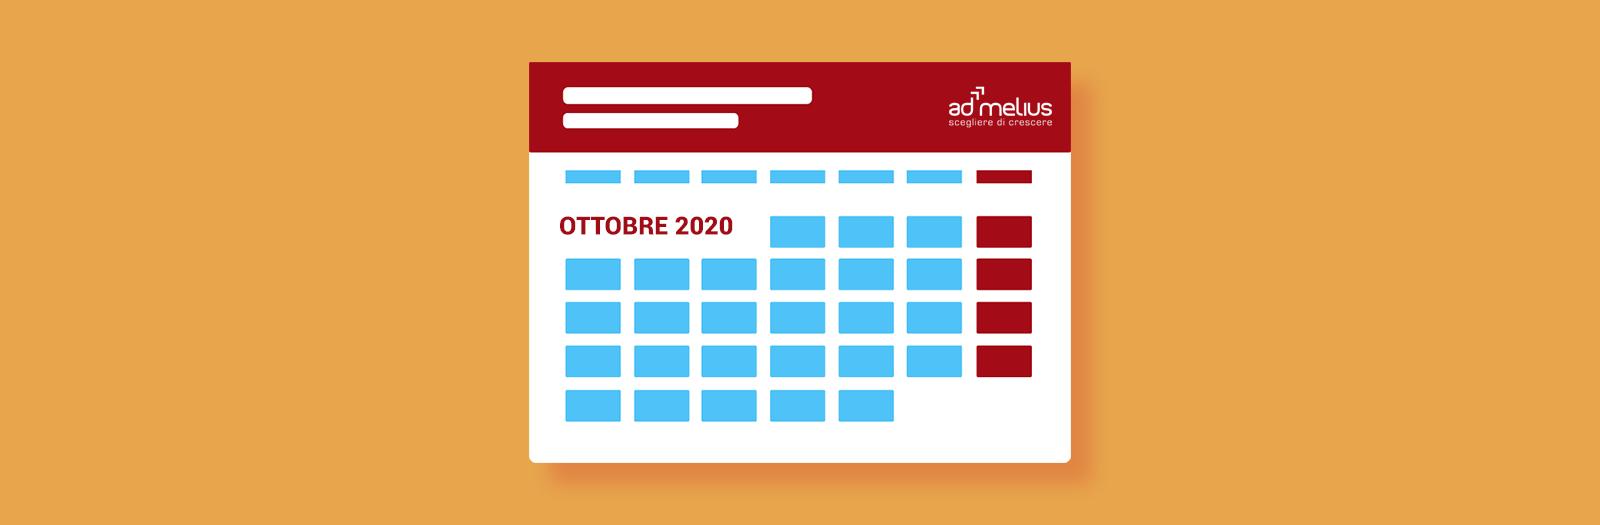 calendario eventi ottobre 2020